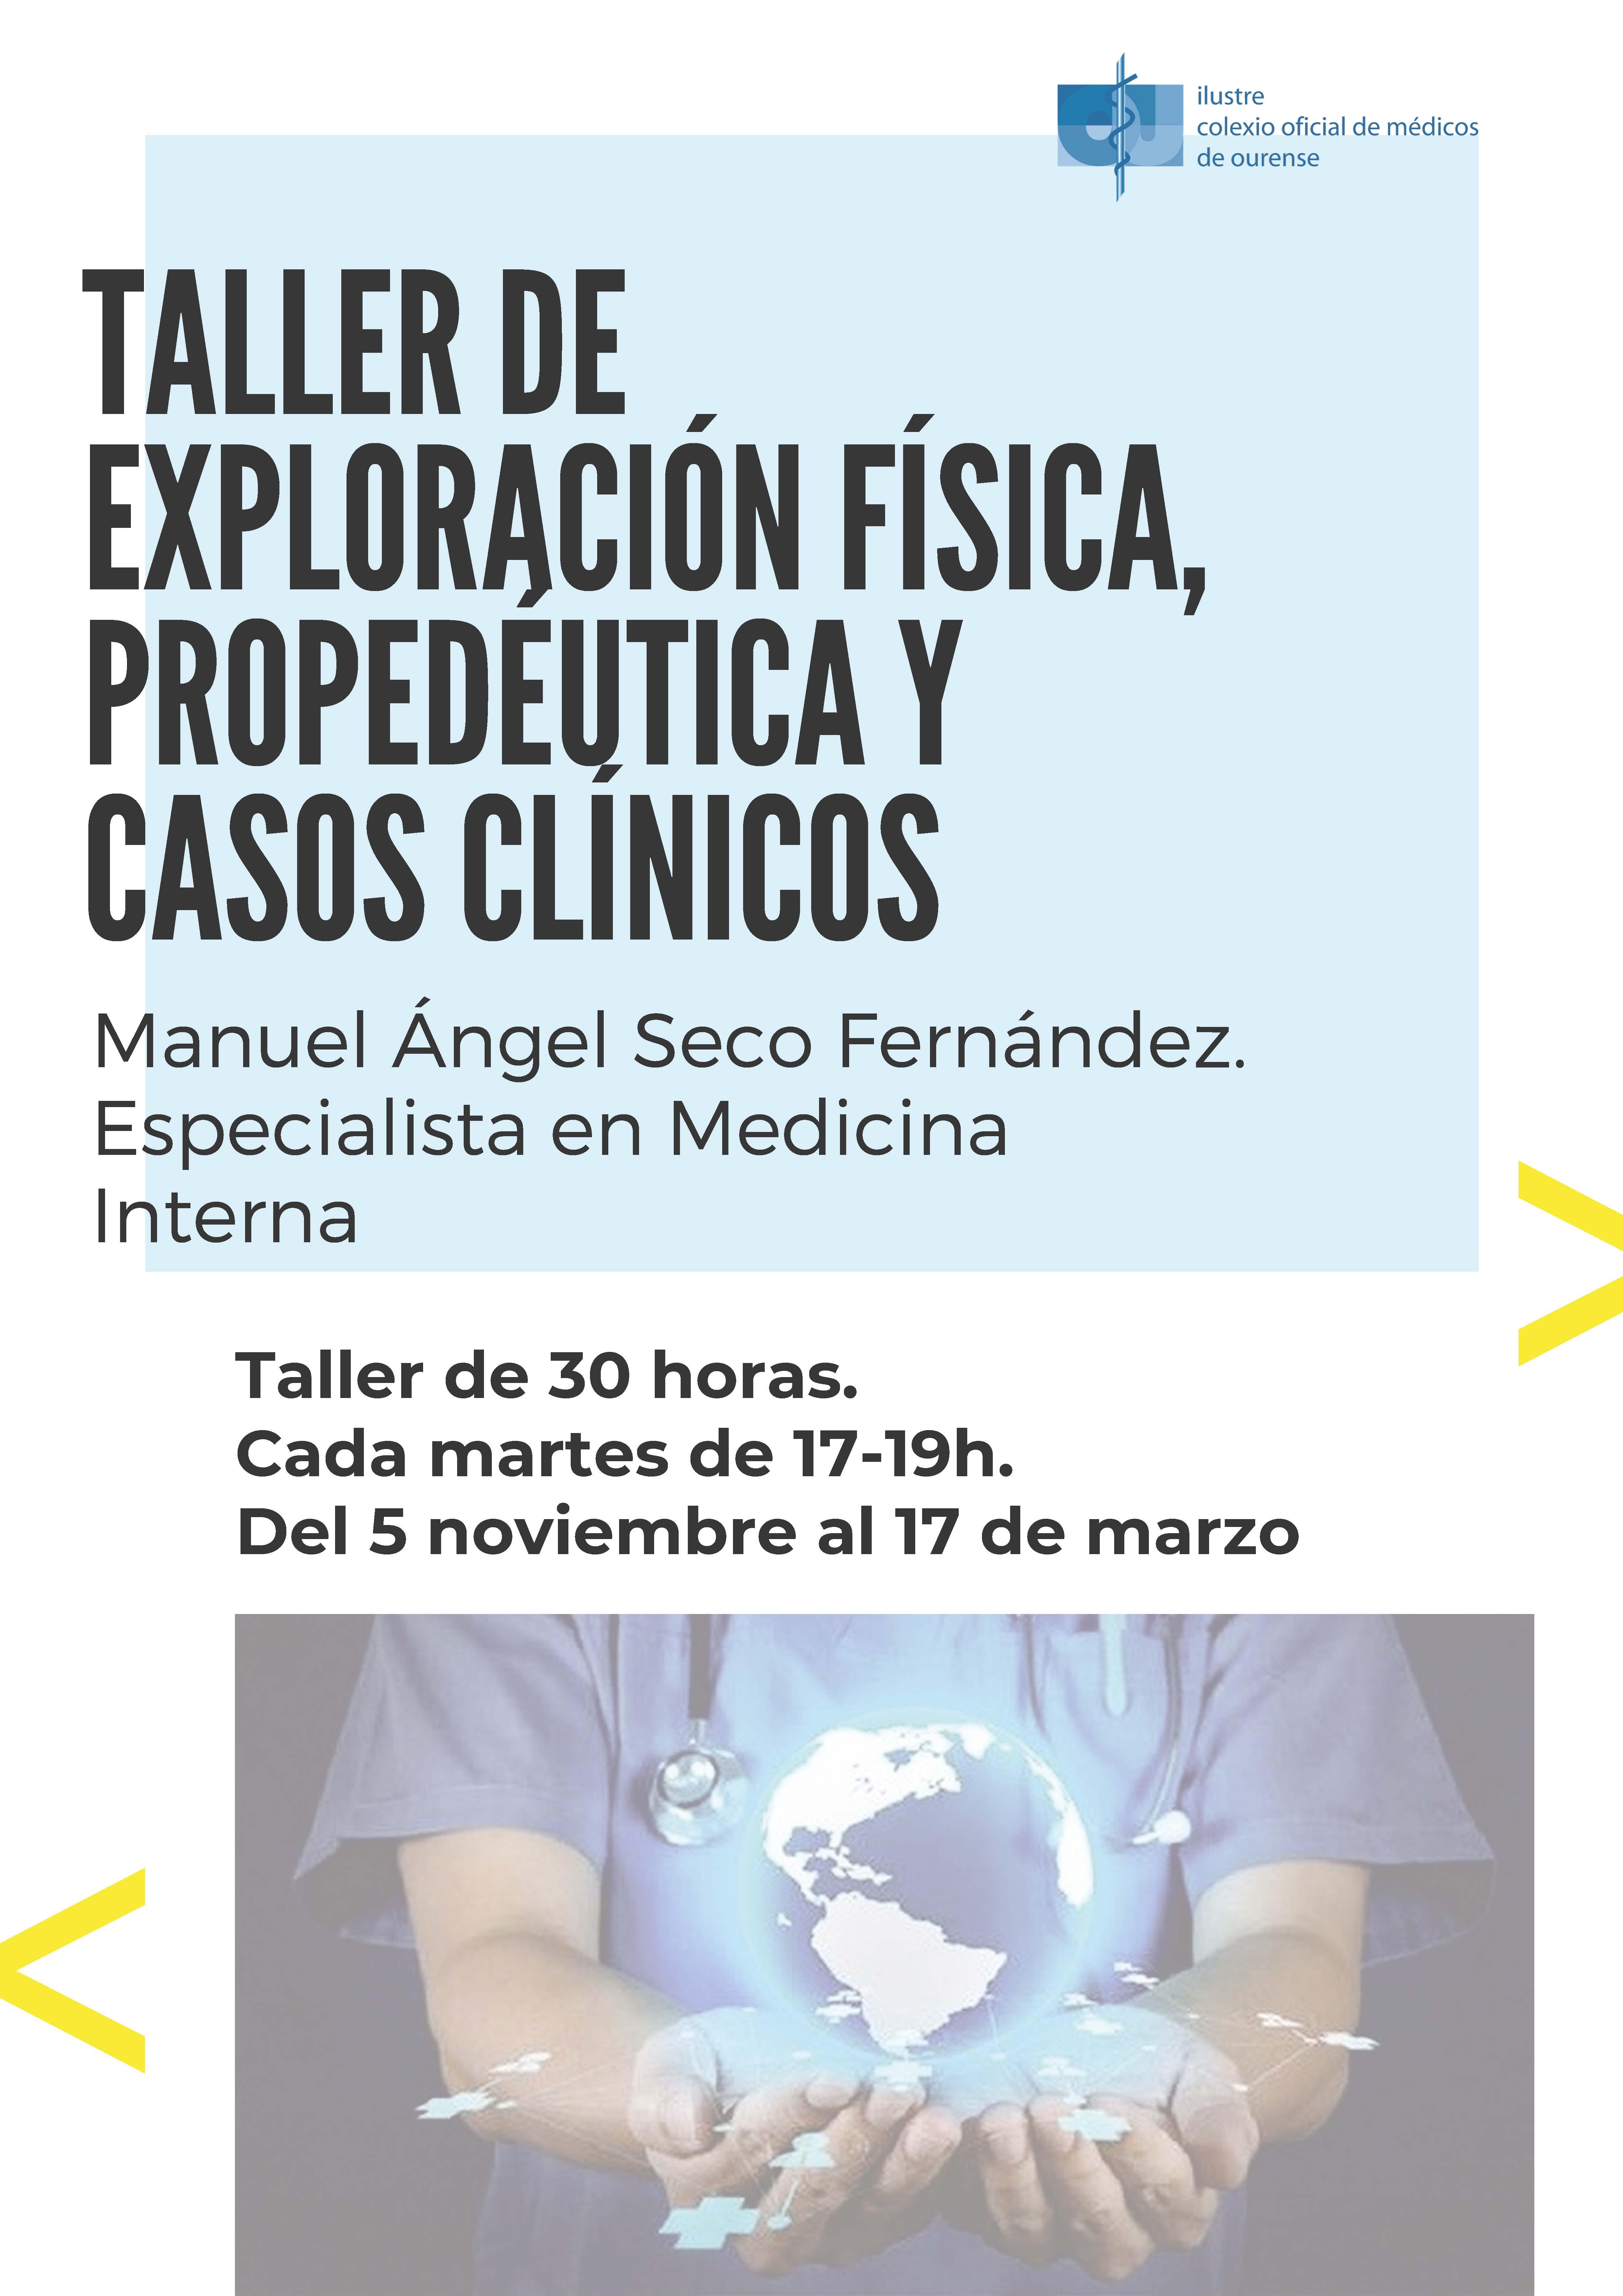 TALLER DE EXPLORACIÓN FÍSICA, PROPEDÉUTICA Y CASOS CLÍNICOS